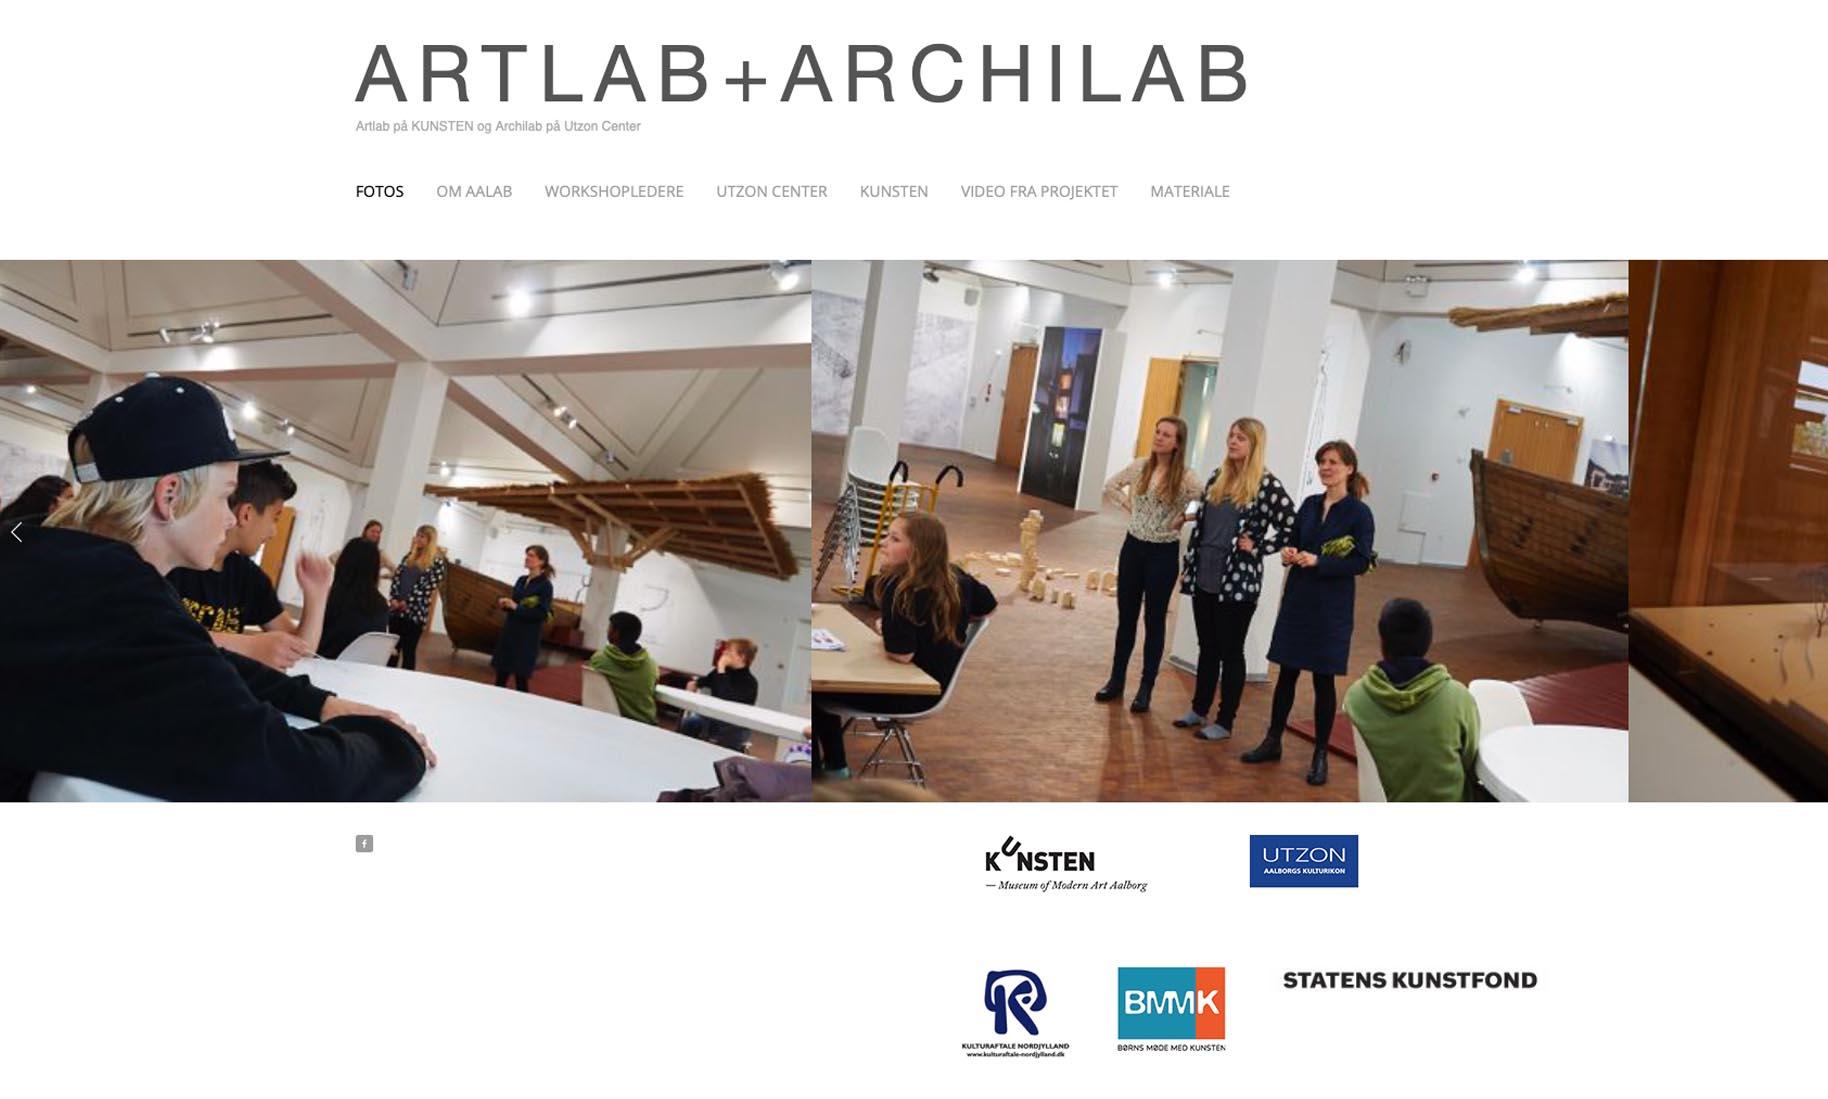 Website: ARTLAB+ARCHILAB - kunstprojekt